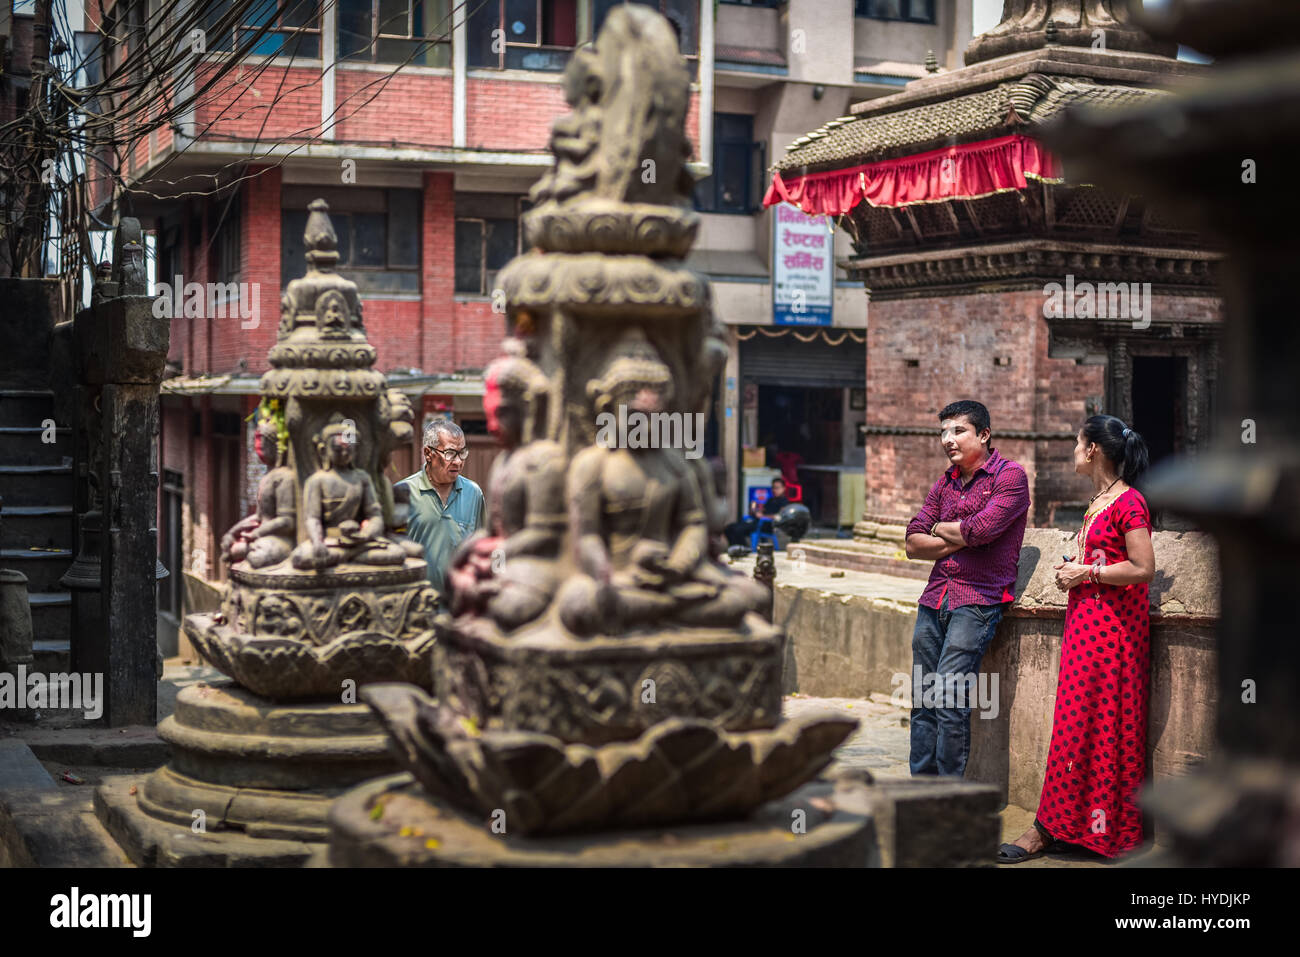 La population locale ayant le temps de loisirs près de sculptures hindoues au quartier résidentiel de Photo Stock